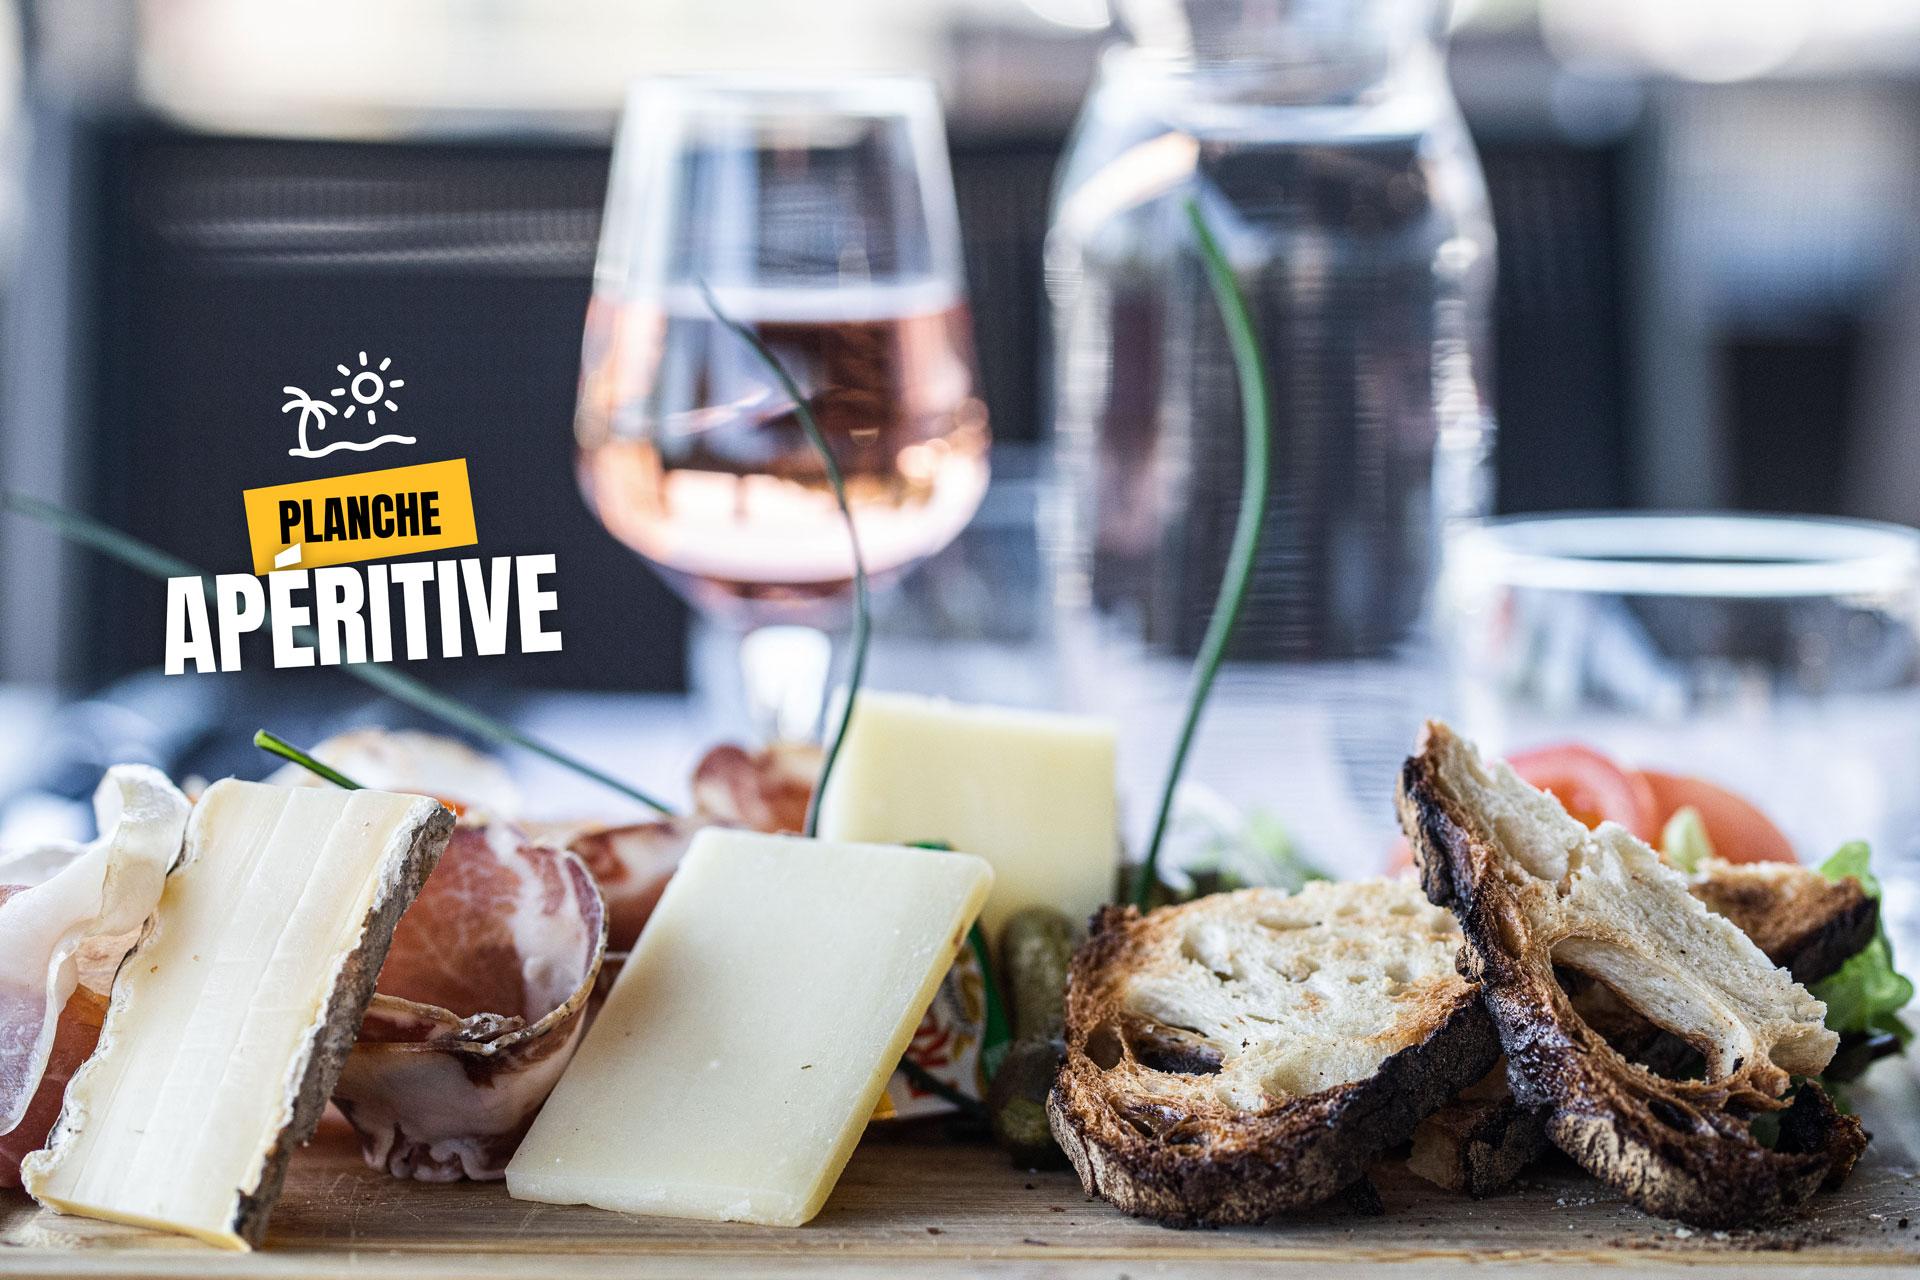 planche aperitive restaurant saint contest l'atelier gourmand